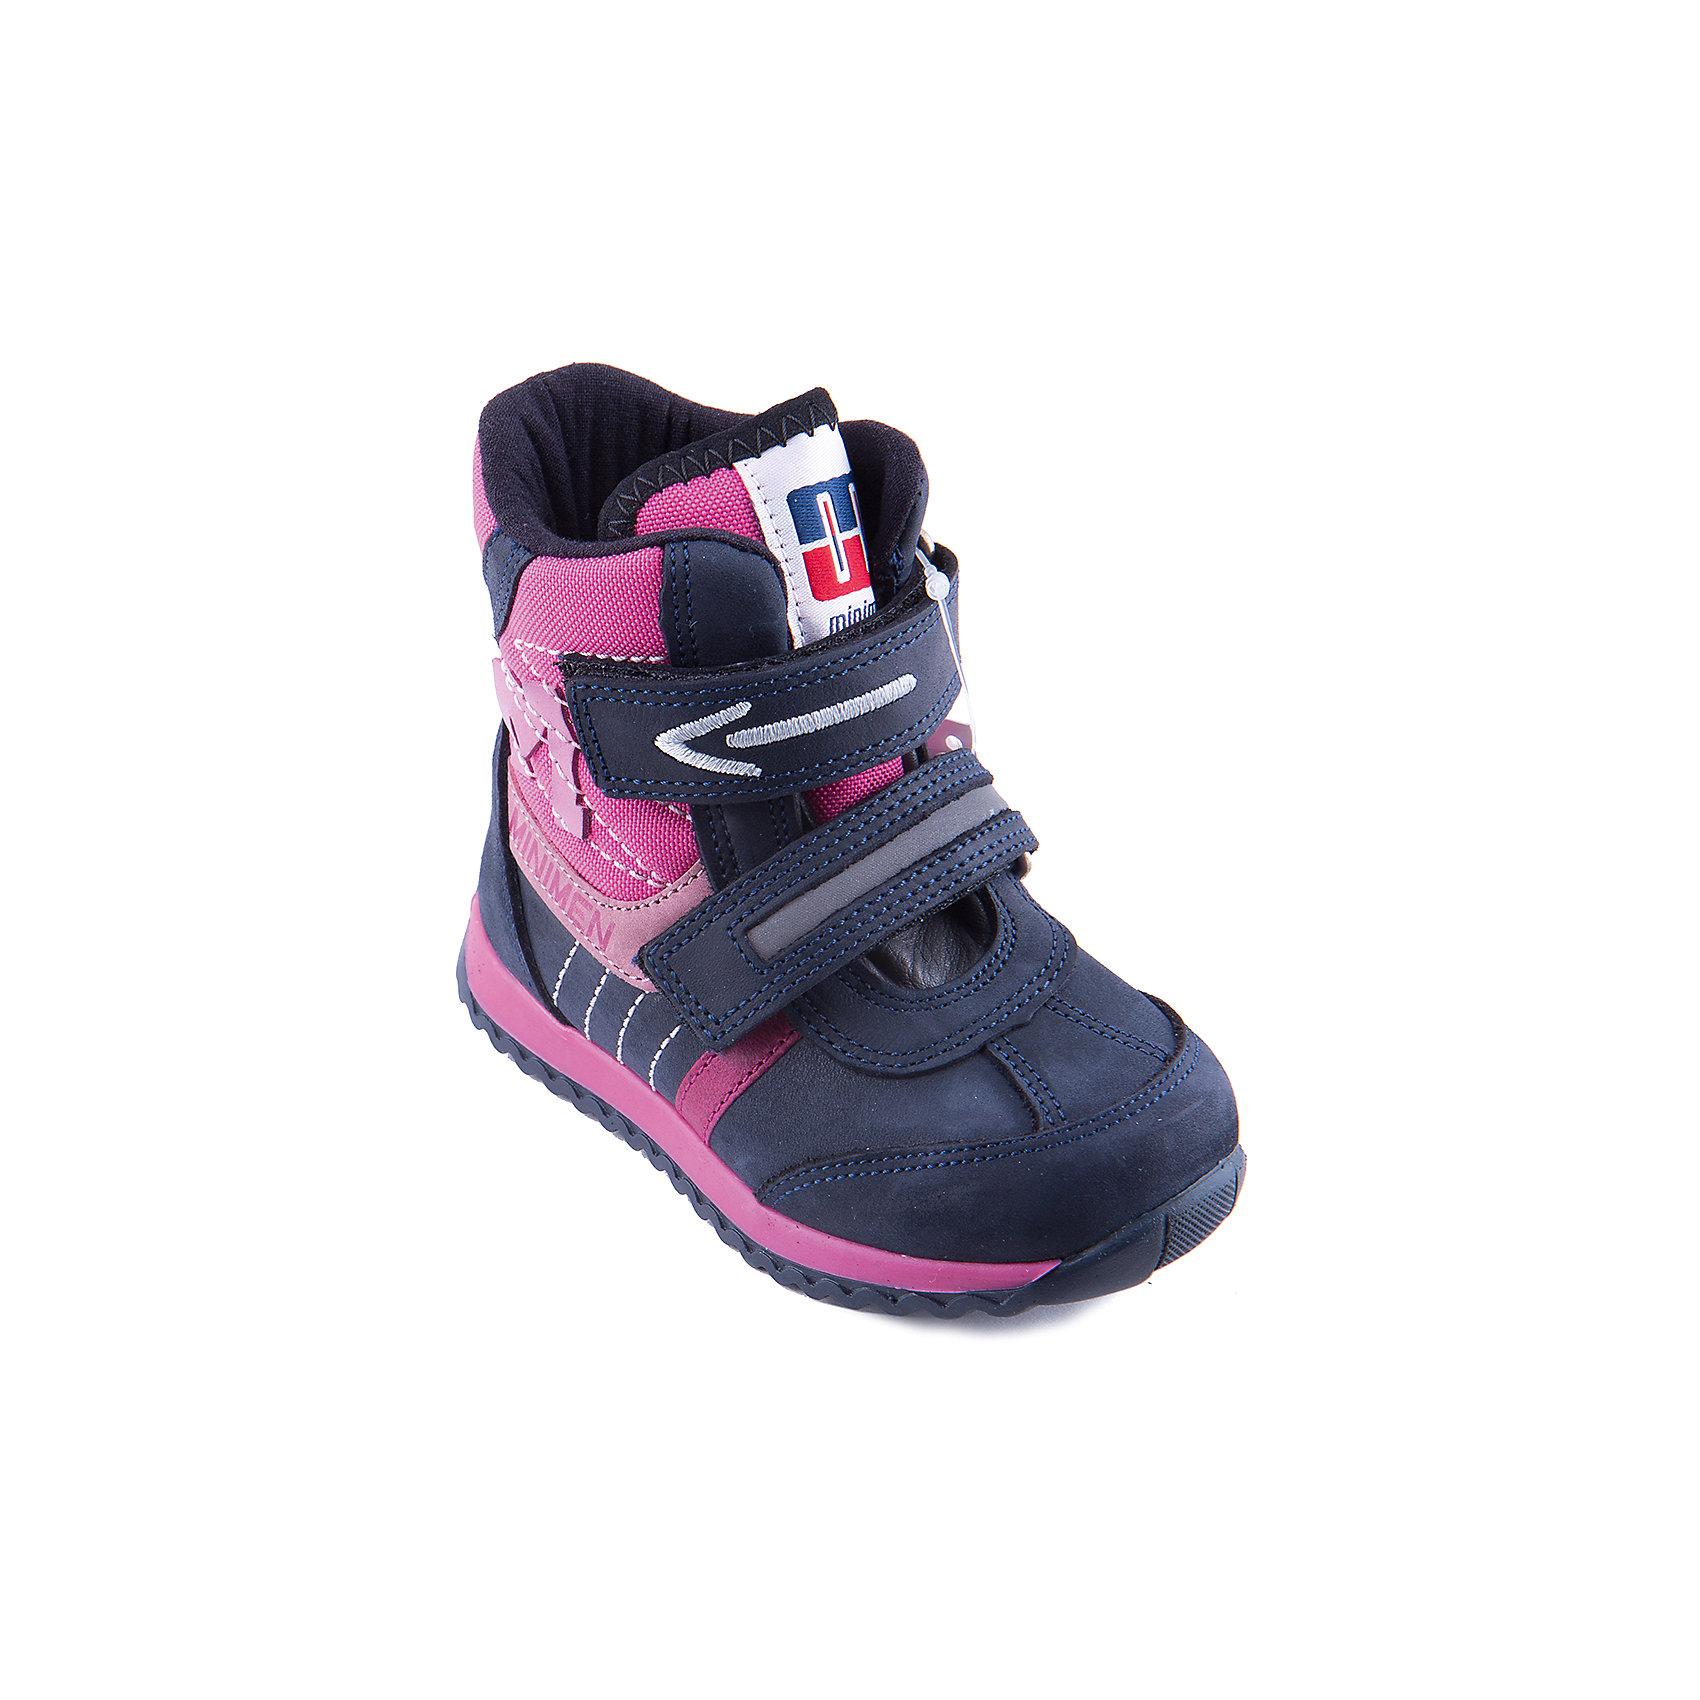 Полусапоги для девочки MinimenДемисезонные полусапожки для девочки от популярной марки Minimen (Минимен). Модель имеет специальные накладки на мыске и пятке, защищающие обувь и ногу ребенка от механических повреждений и воды. Укрепленный задник надежно фиксирует пятку. Противоскользящая подошва позволяет ребенку свободно двигаться и предотвращает падения. Полусапожки имеют оригинальный дизайн и обязательно понравятся маленькой моднице!<br><br>Дополнительная информация:<br><br>-Сезон: осень, весна, <br>-Температурный режим: от 0? до +10? <br>-Материал верха: натуральная кожа<br>-Материал подкладки: текстиль<br>-Стелька: байка<br>-Материал подошвы: резина<br>-Тип застежки: липучка.<br><br>Полусапожки для девочки Minimen (Минимен) можно купить в нашем магазине.<br><br>Ширина мм: 257<br>Глубина мм: 180<br>Высота мм: 130<br>Вес г: 420<br>Цвет: фуксия<br>Возраст от месяцев: 12<br>Возраст до месяцев: 15<br>Пол: Женский<br>Возраст: Детский<br>Размер: 21,25,28,30,22,23,24,20,29,27,26<br>SKU: 3741569